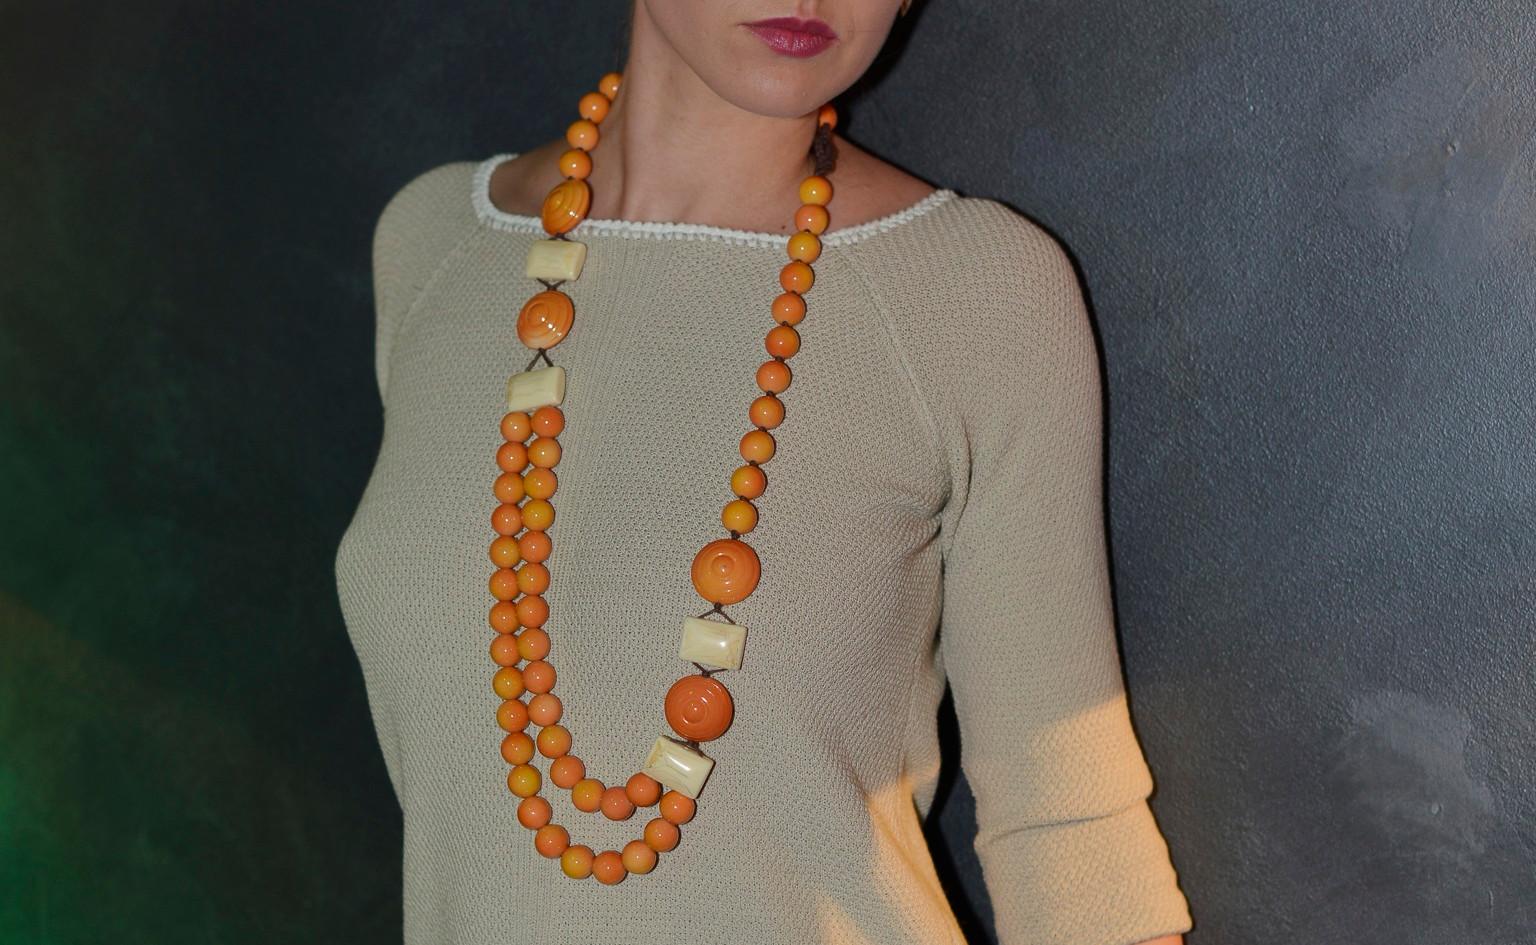 modellami 21 aprile, servizio fotografico, collane, bracciali, orecchii, colori diversi per ogni esigenza (34).jpg